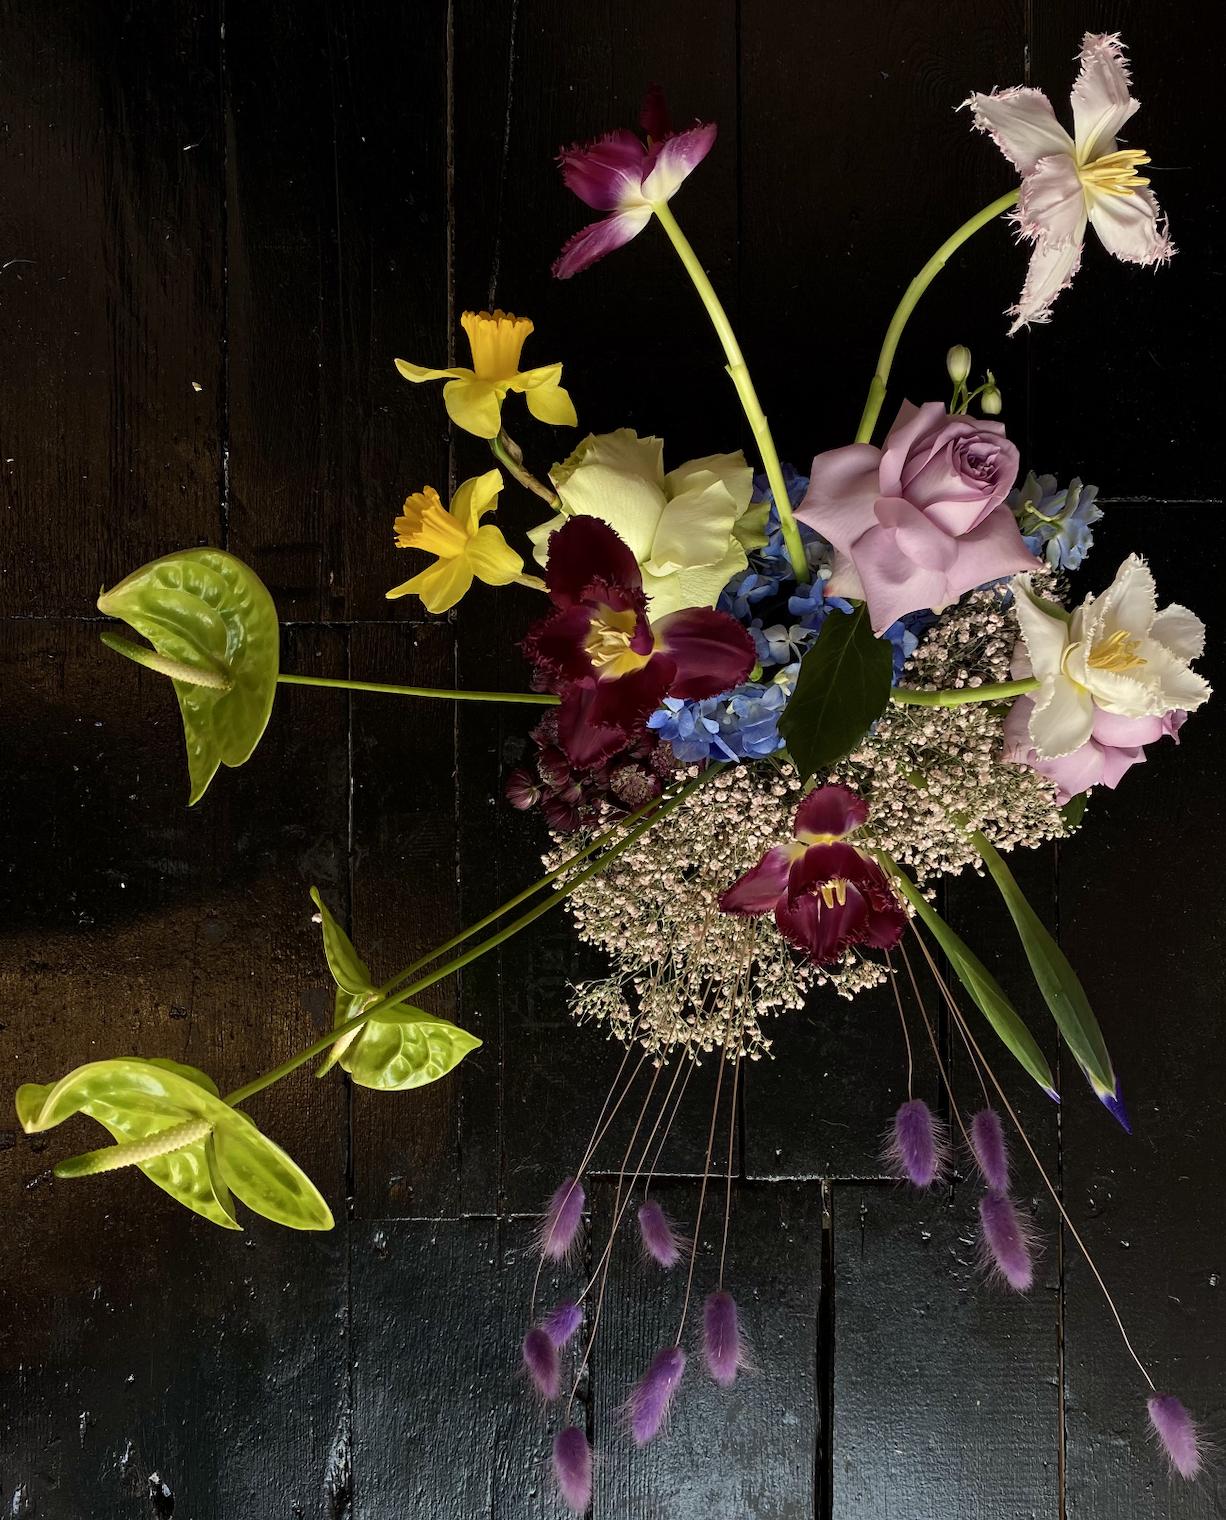 Nomad florist finds home in Bristol - Camila Forest Kessler